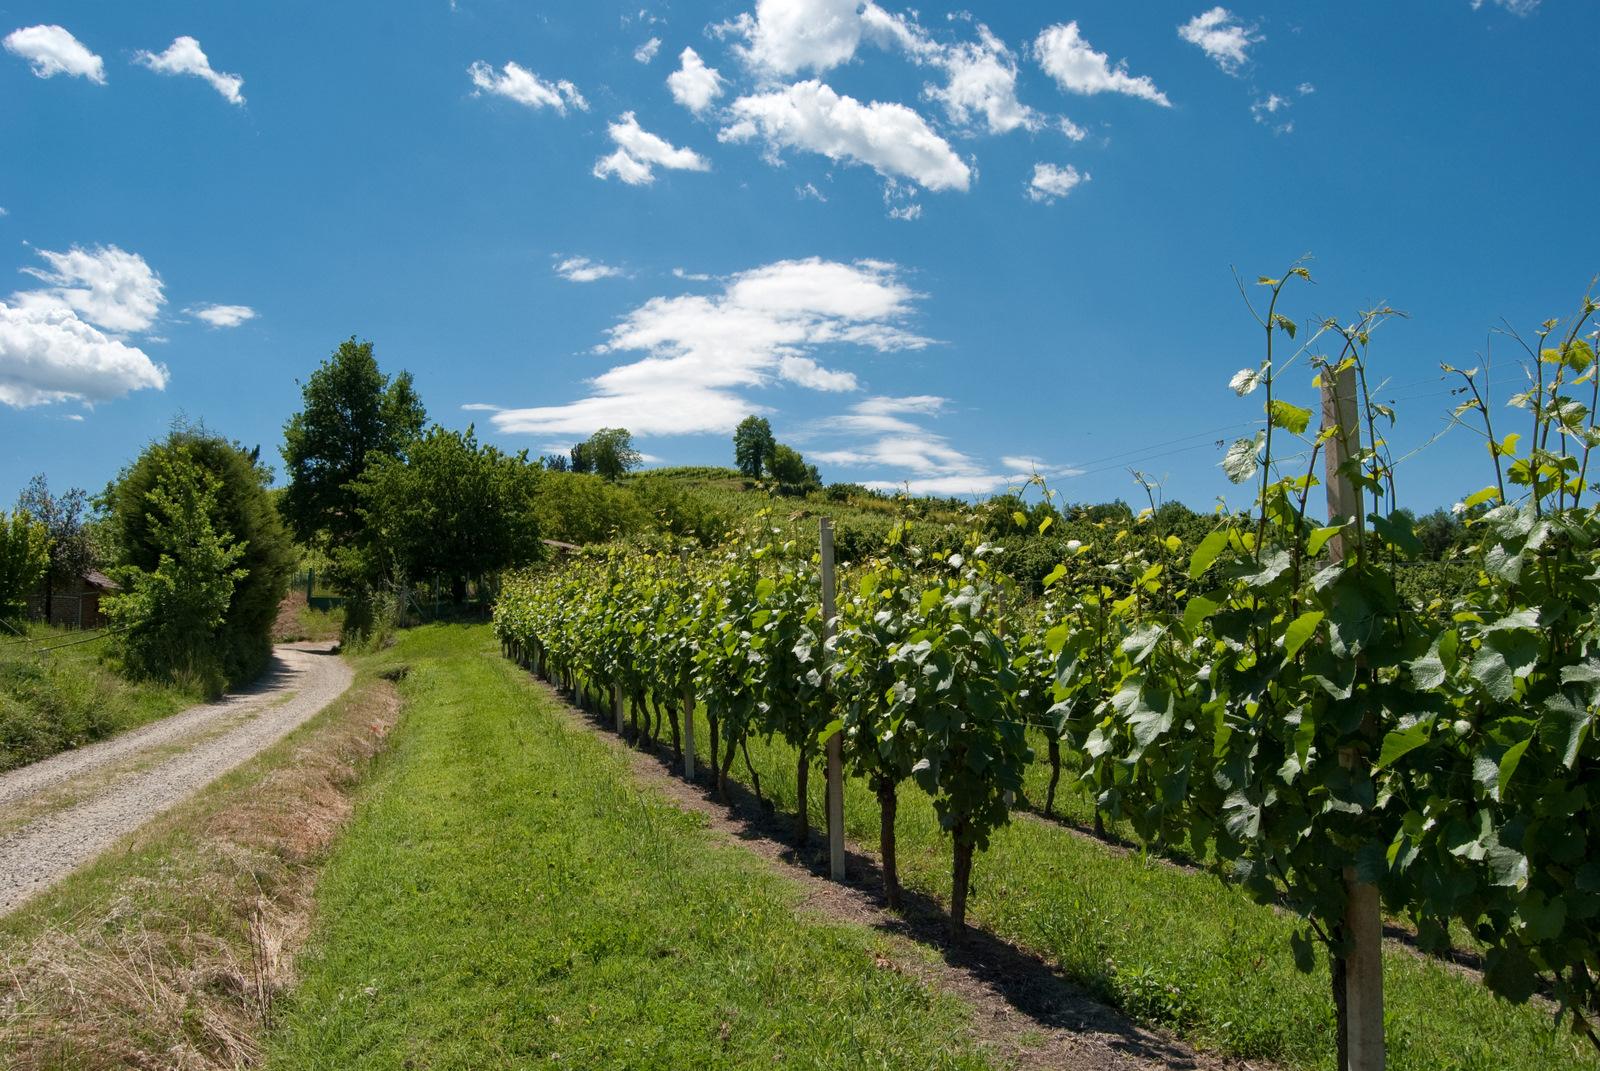 Viticoltura - foto di Virginia Scarsi